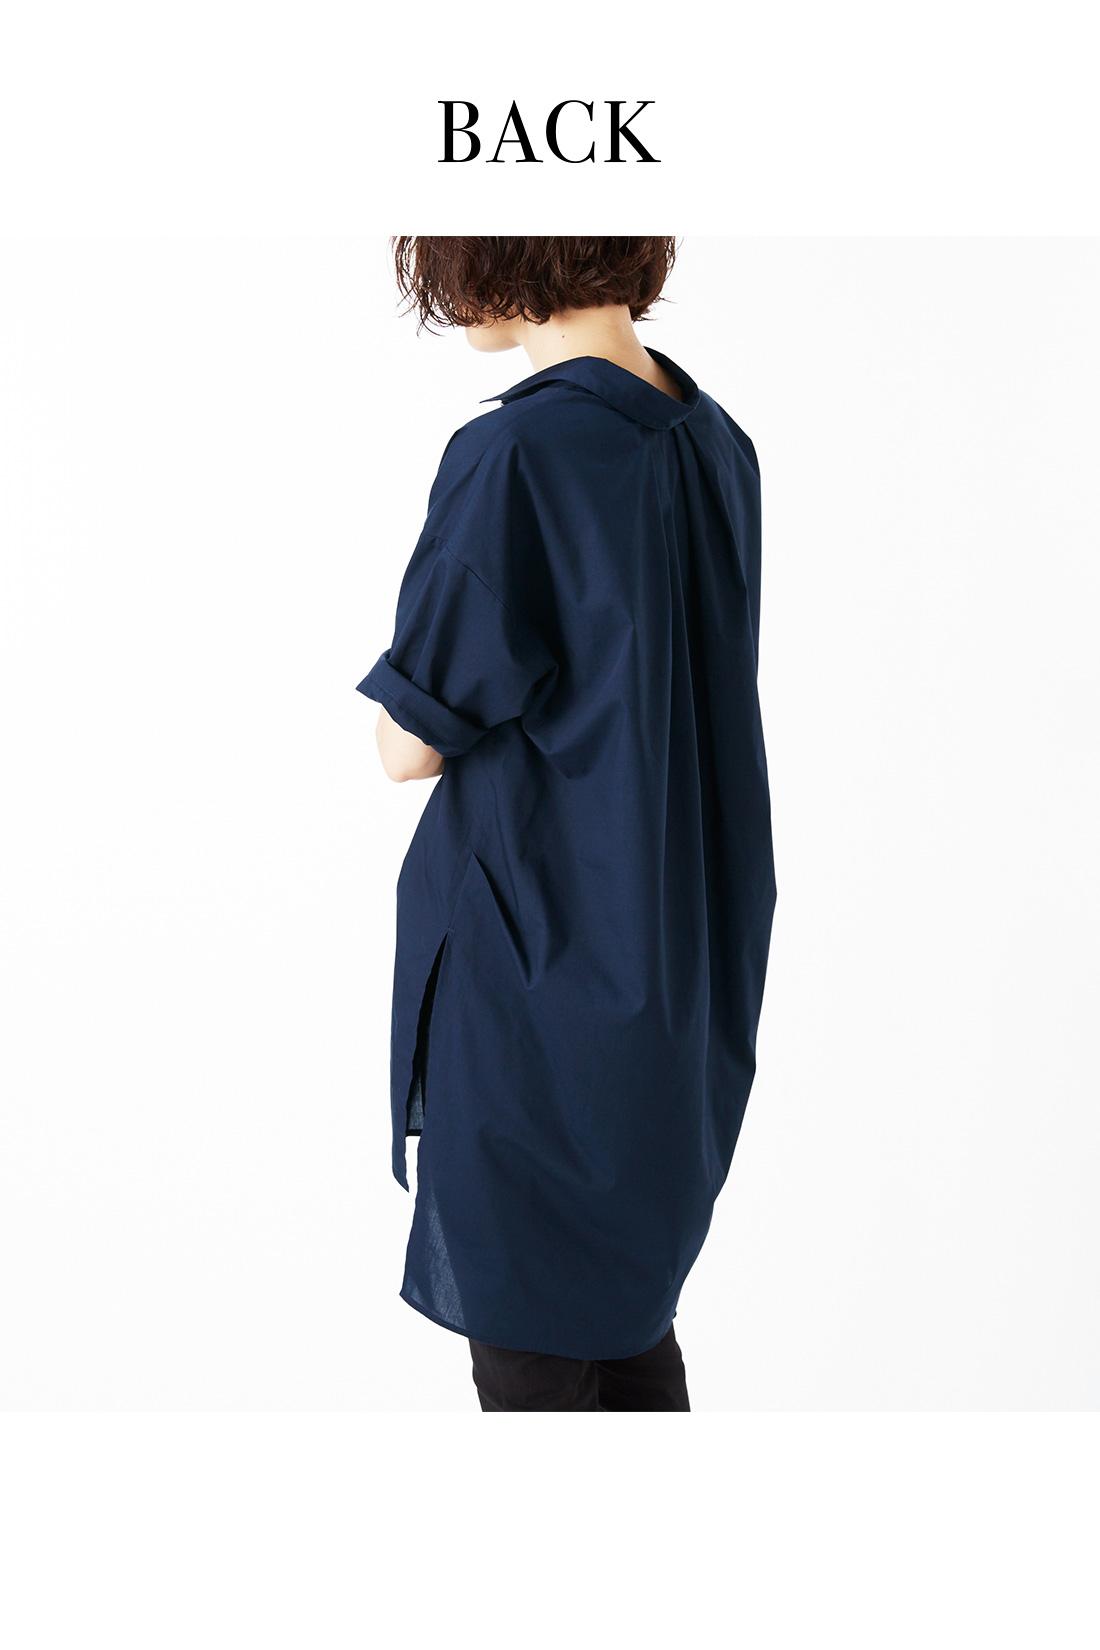 一枚でサマになる計算済みパターン。 サイドタックの技で、風をはらむような旬シルエットに。着るだけで衿抜きも決まるパターンもポイント。 ※着用イメージです。お届けするカラーとは異なります。